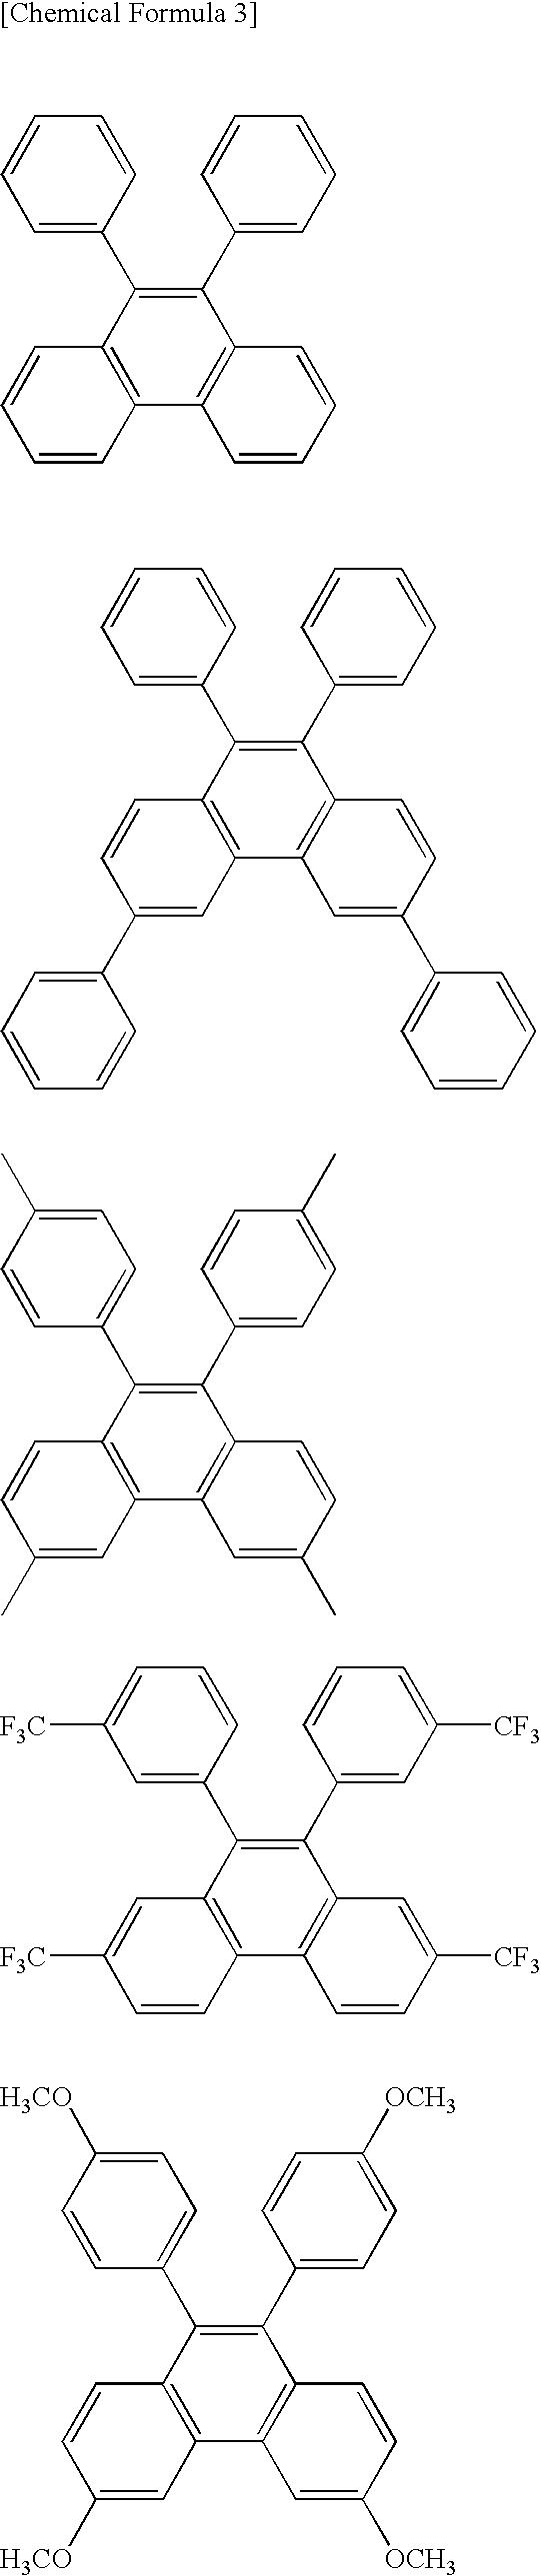 Figure US20100171109A1-20100708-C00003